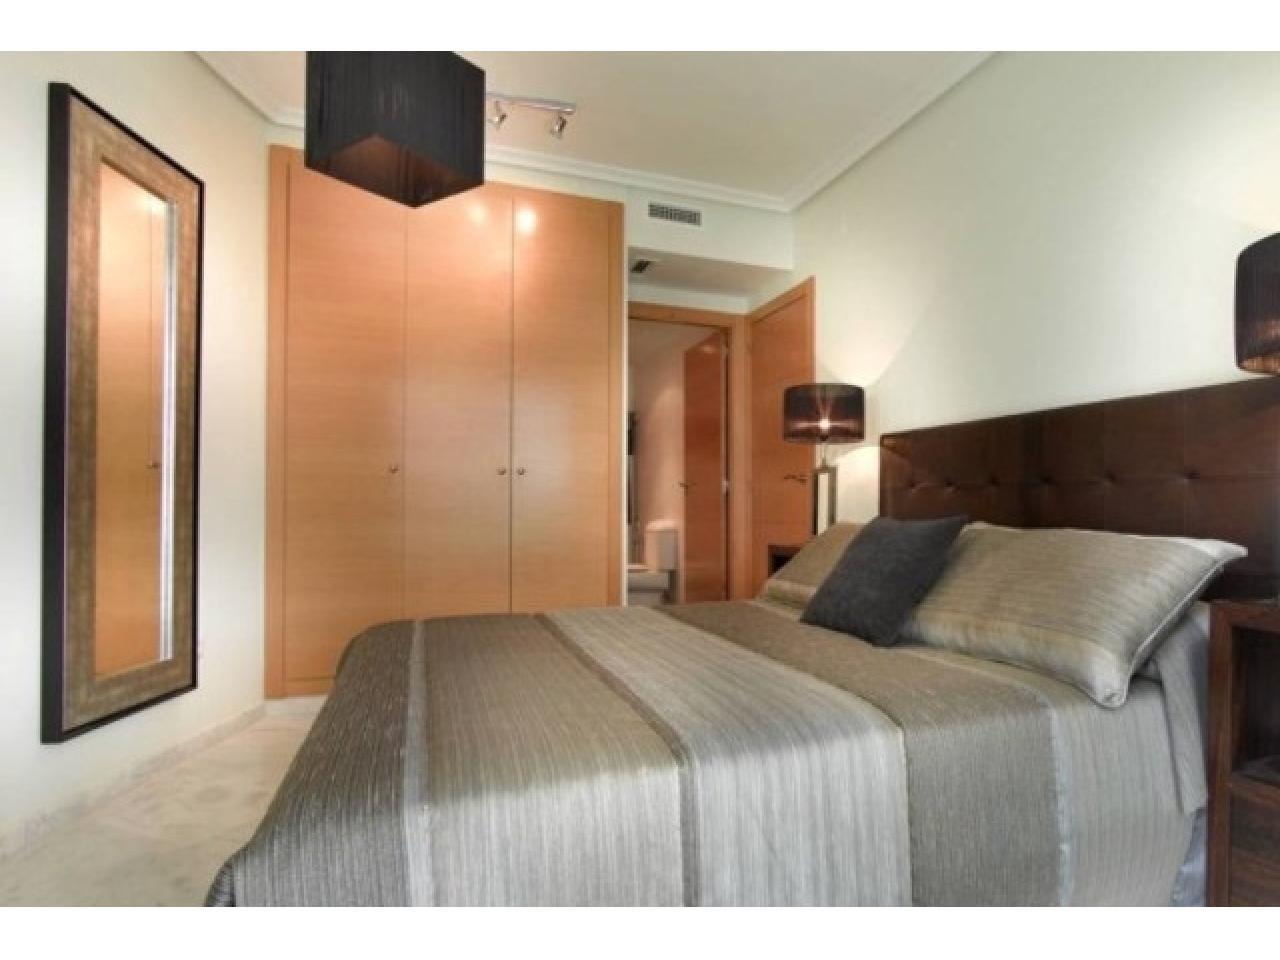 Недвижимость в Испании, Новая квартира с видами на море от застройщика в Бенидорме - 6